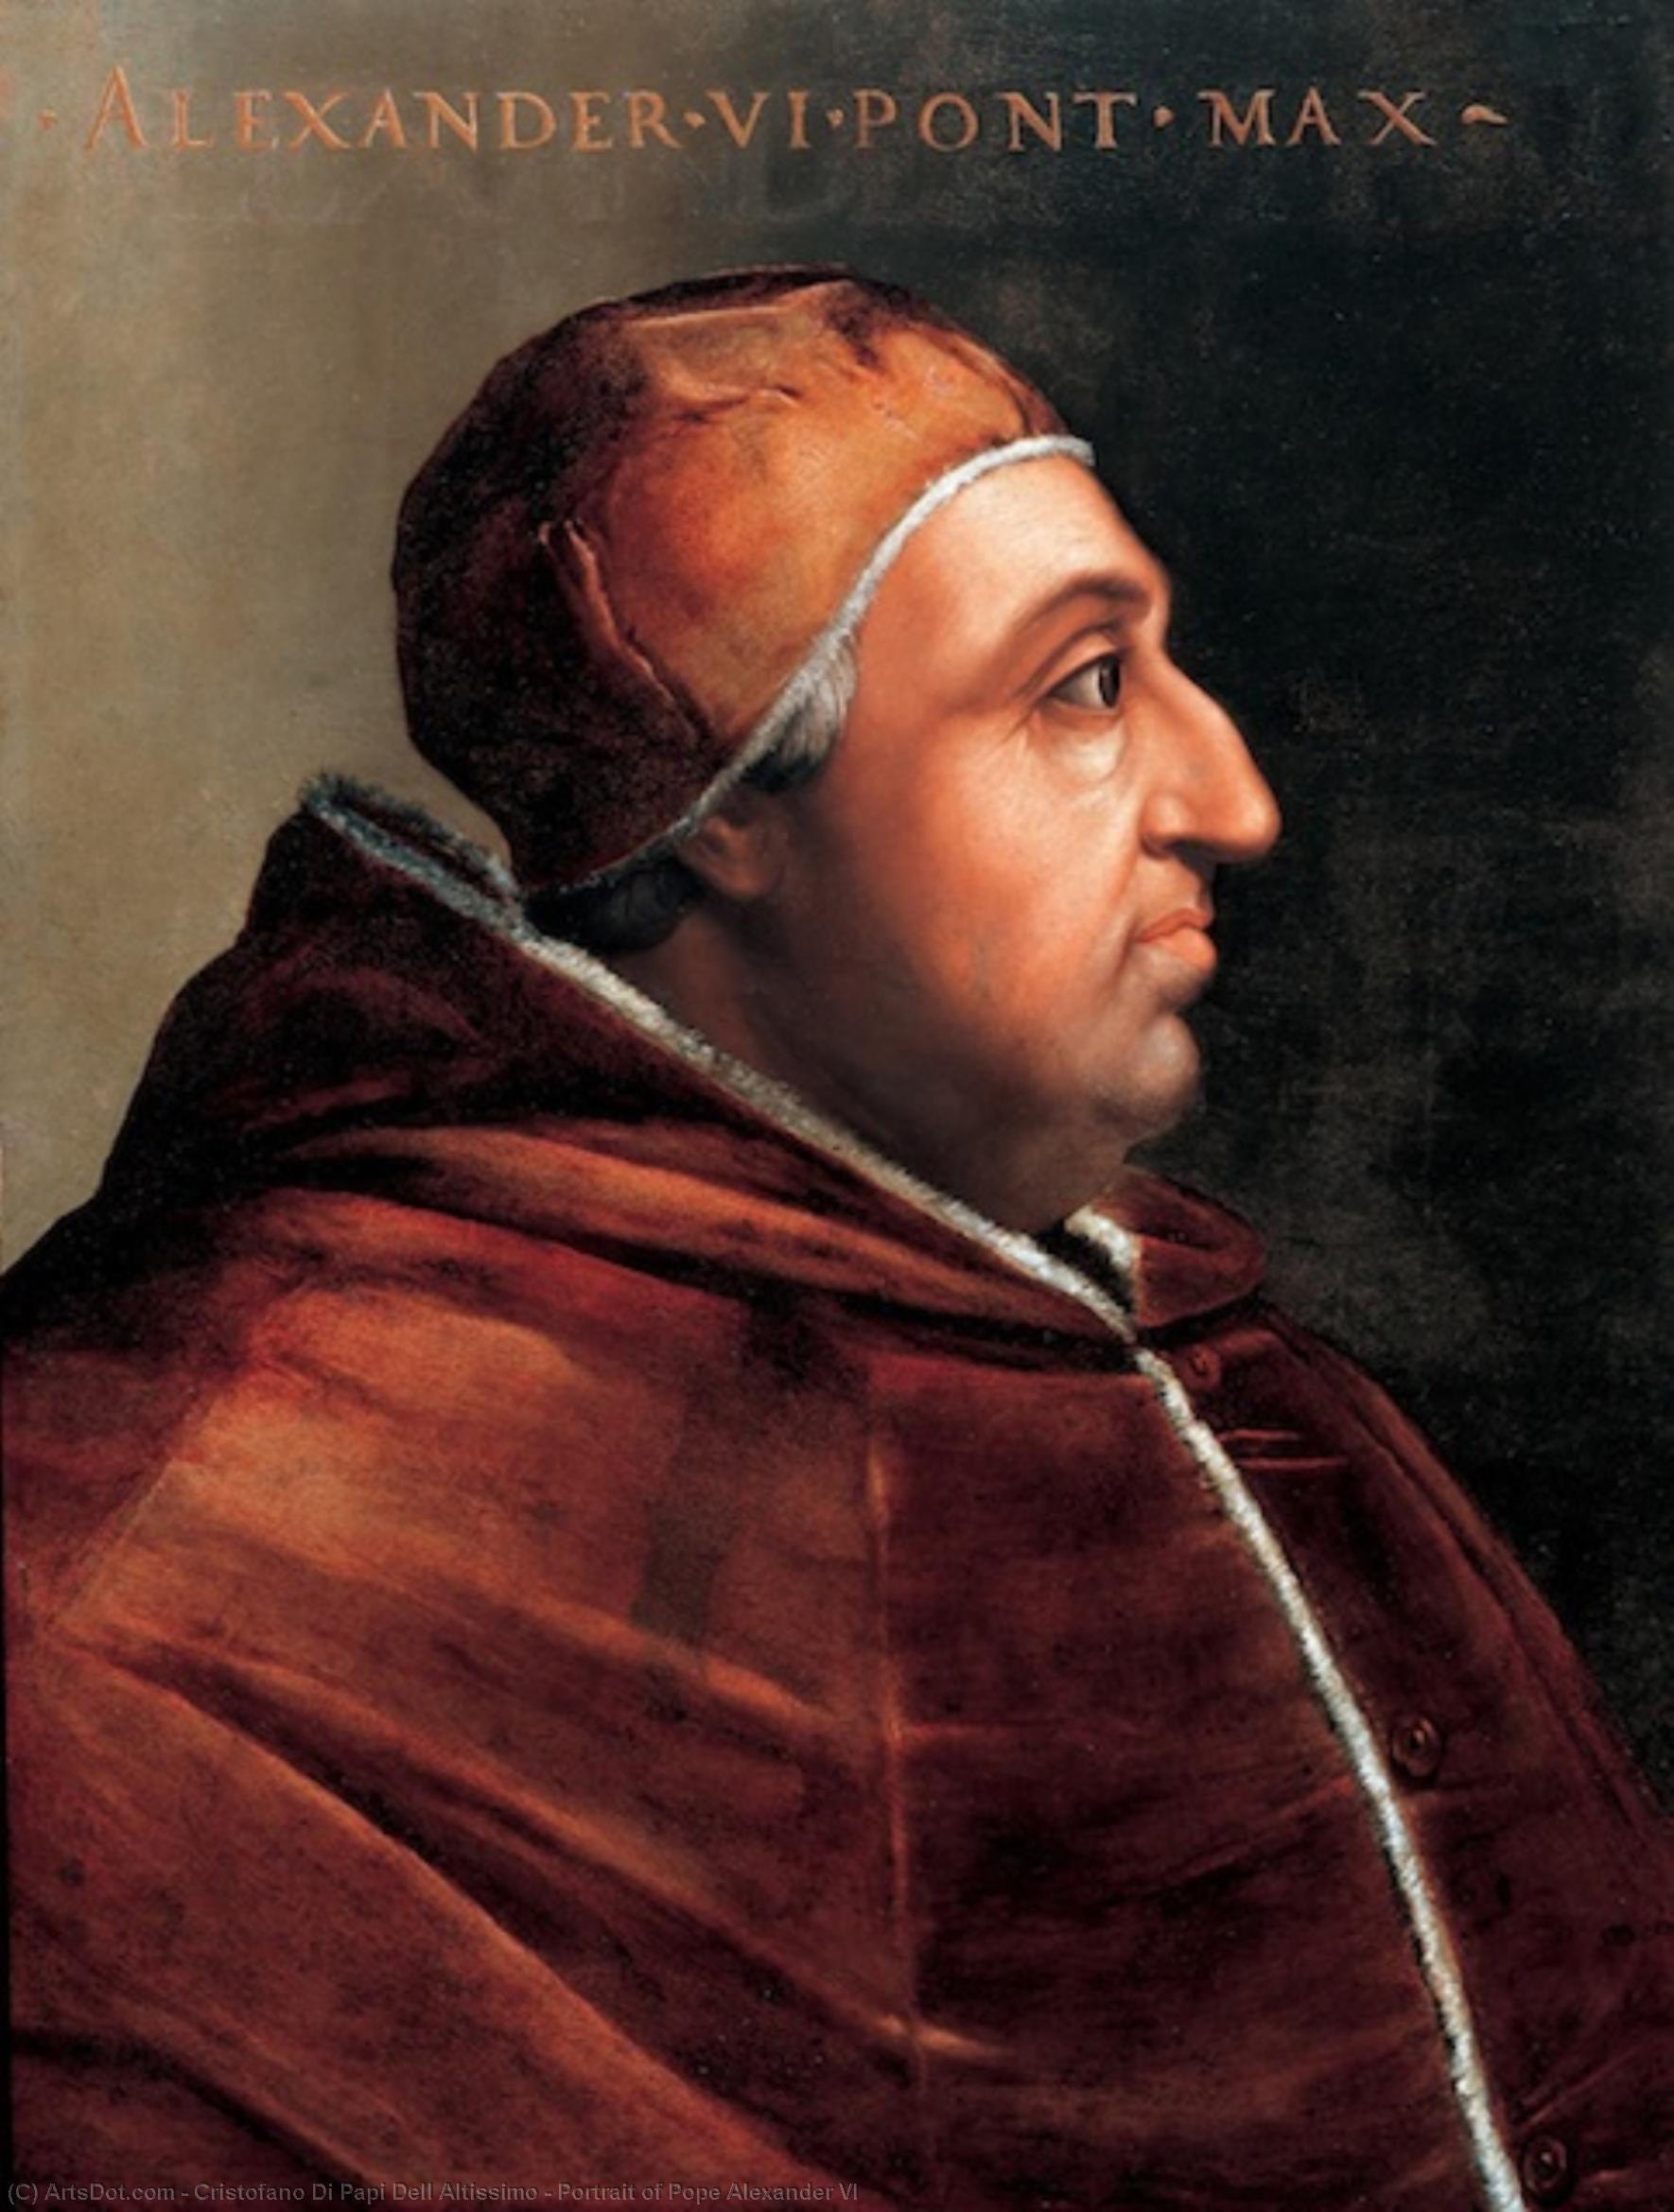 Wikioo.org – La Enciclopedia de las Bellas Artes - Pintura, Obras de arte de Cristofano Di Papi Dell Altissimo - Botas retrato del papa Alejandro VI